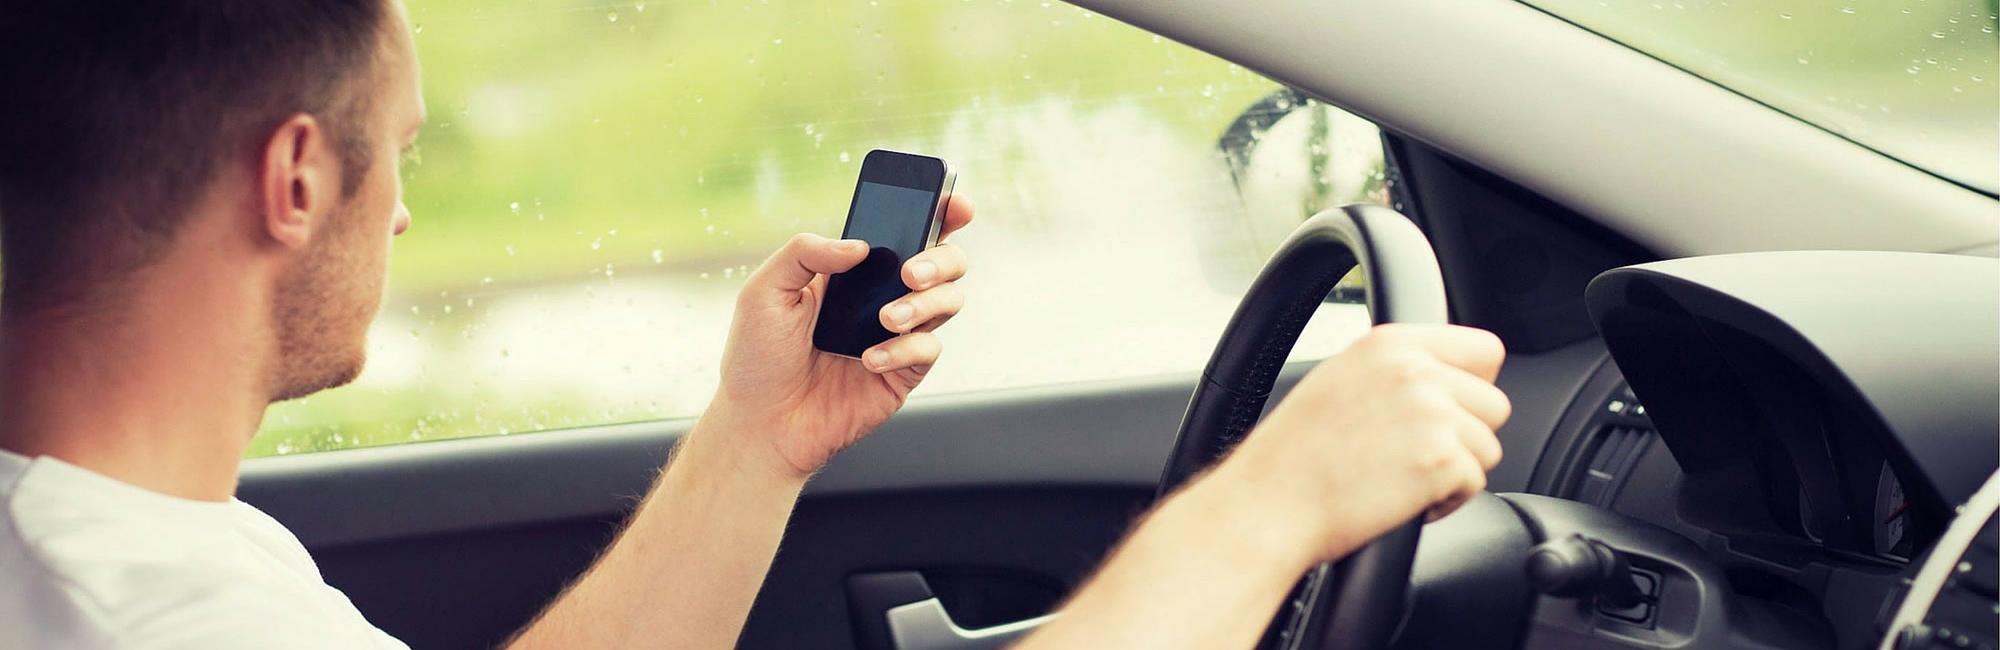 Peligros de conducir con celular